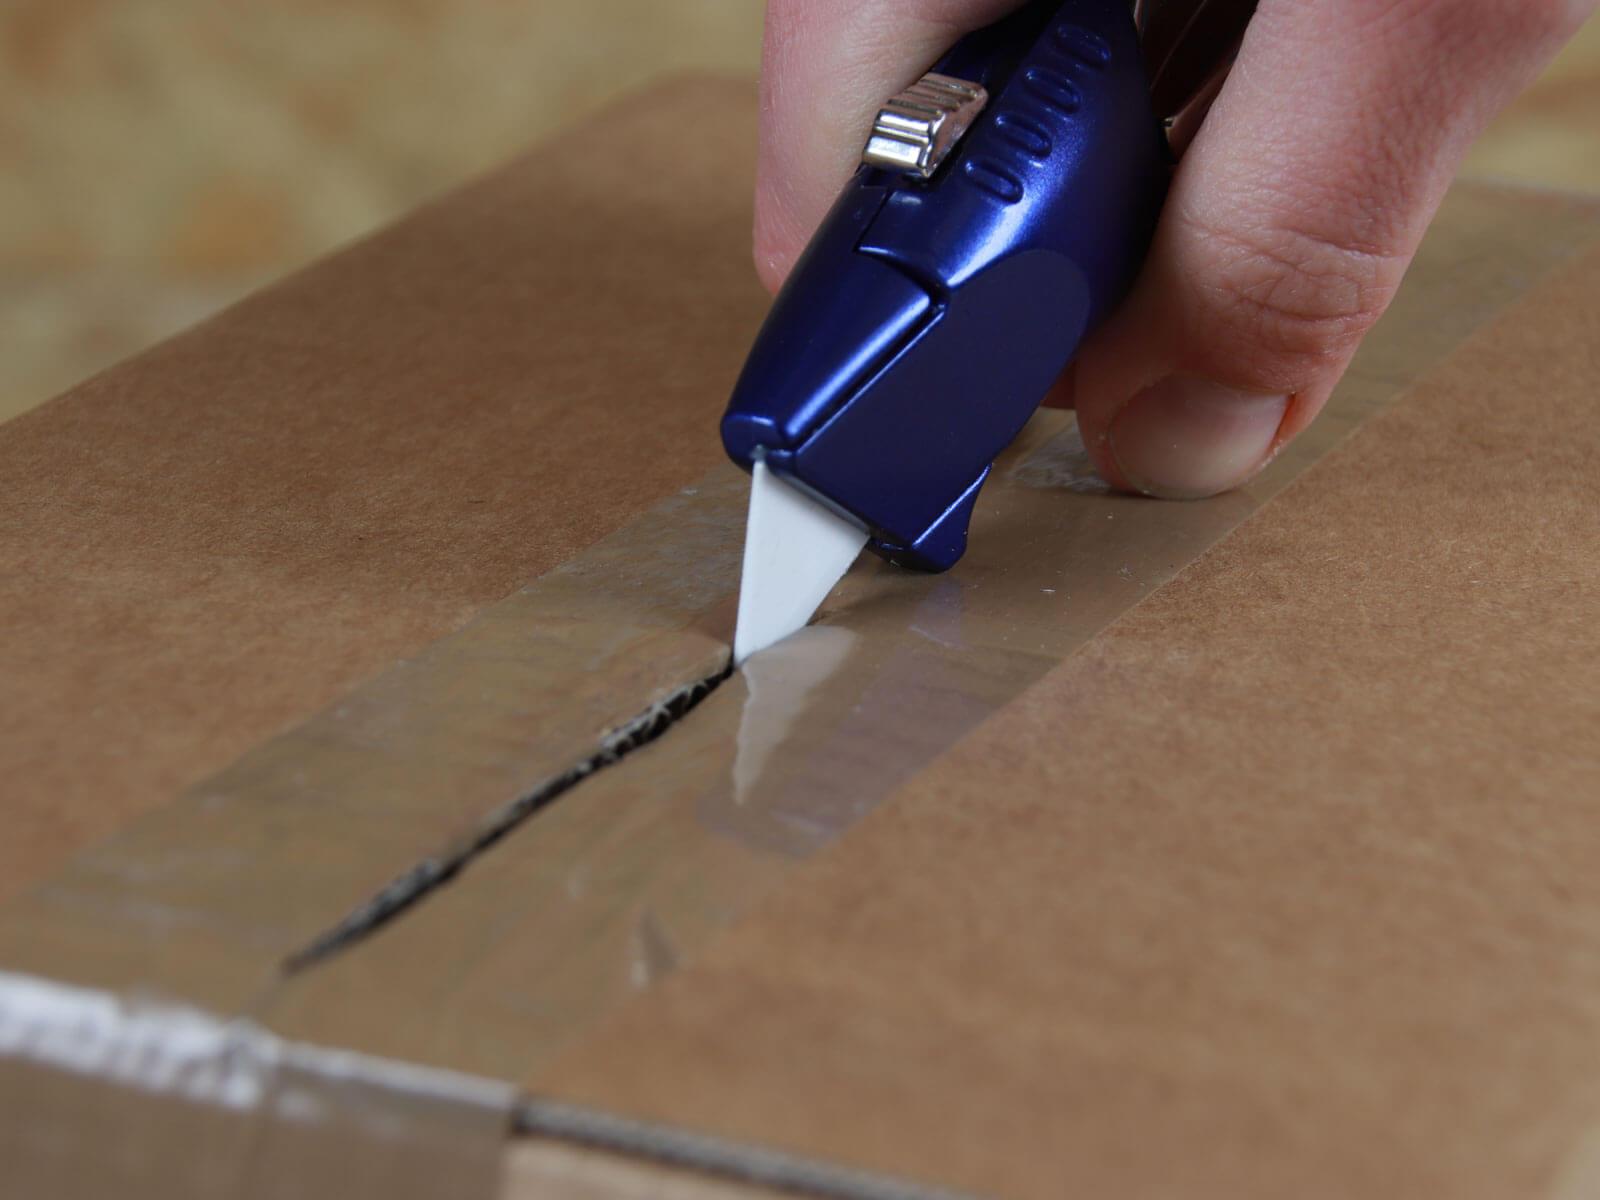 U018K Keramik Sicherheitsmesser manuell Klingenrückzug Klebeband schneiden CURT-tools